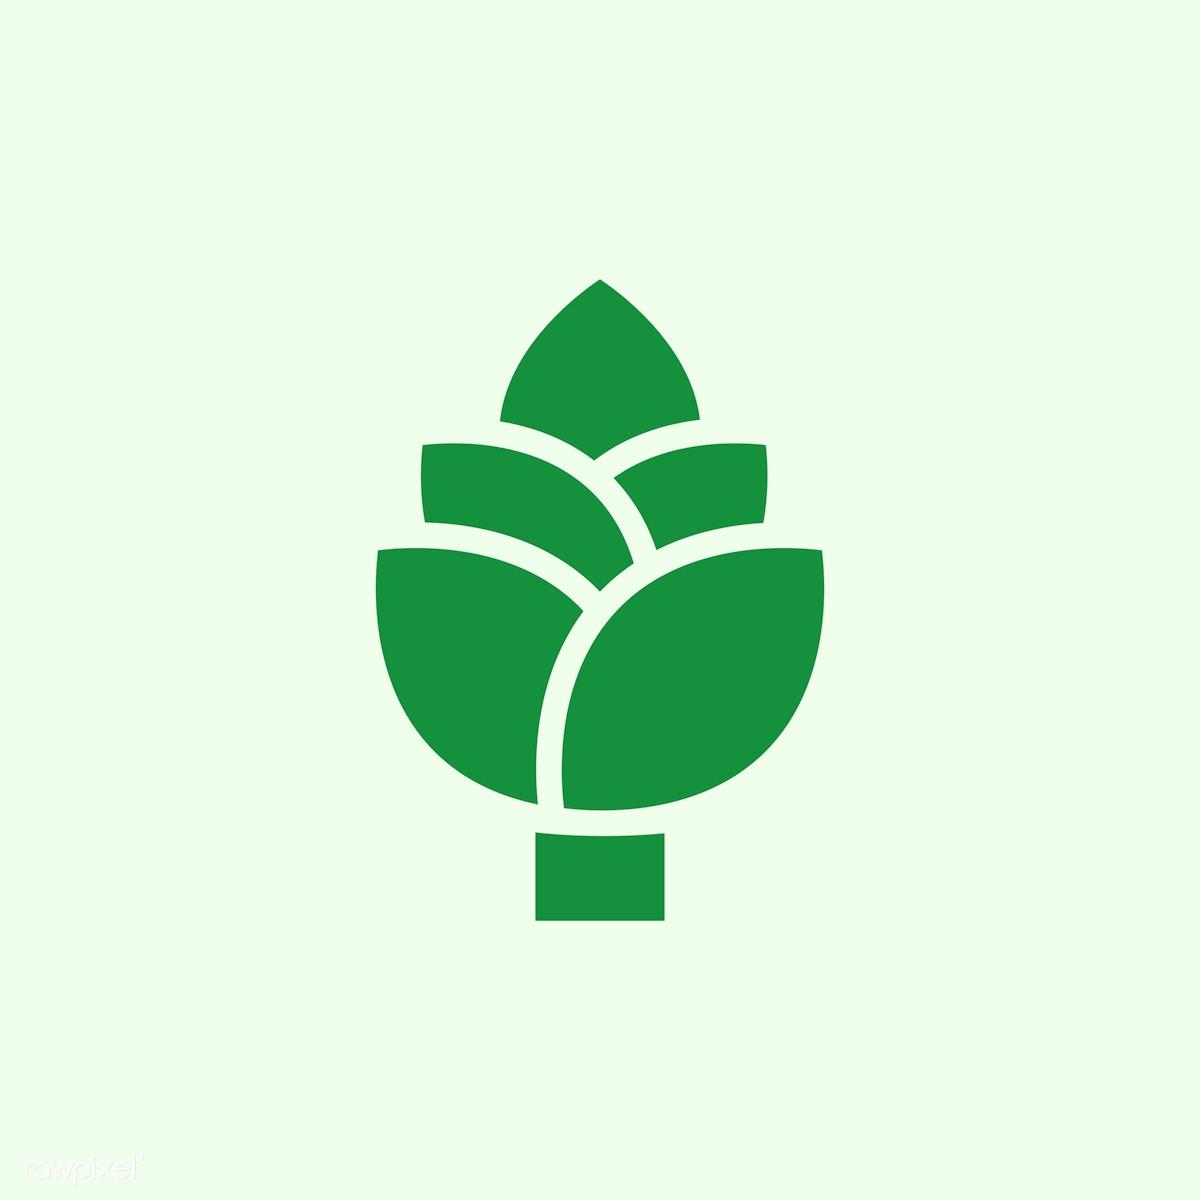 Green go vegan icon vector   Free stock vector - 487188